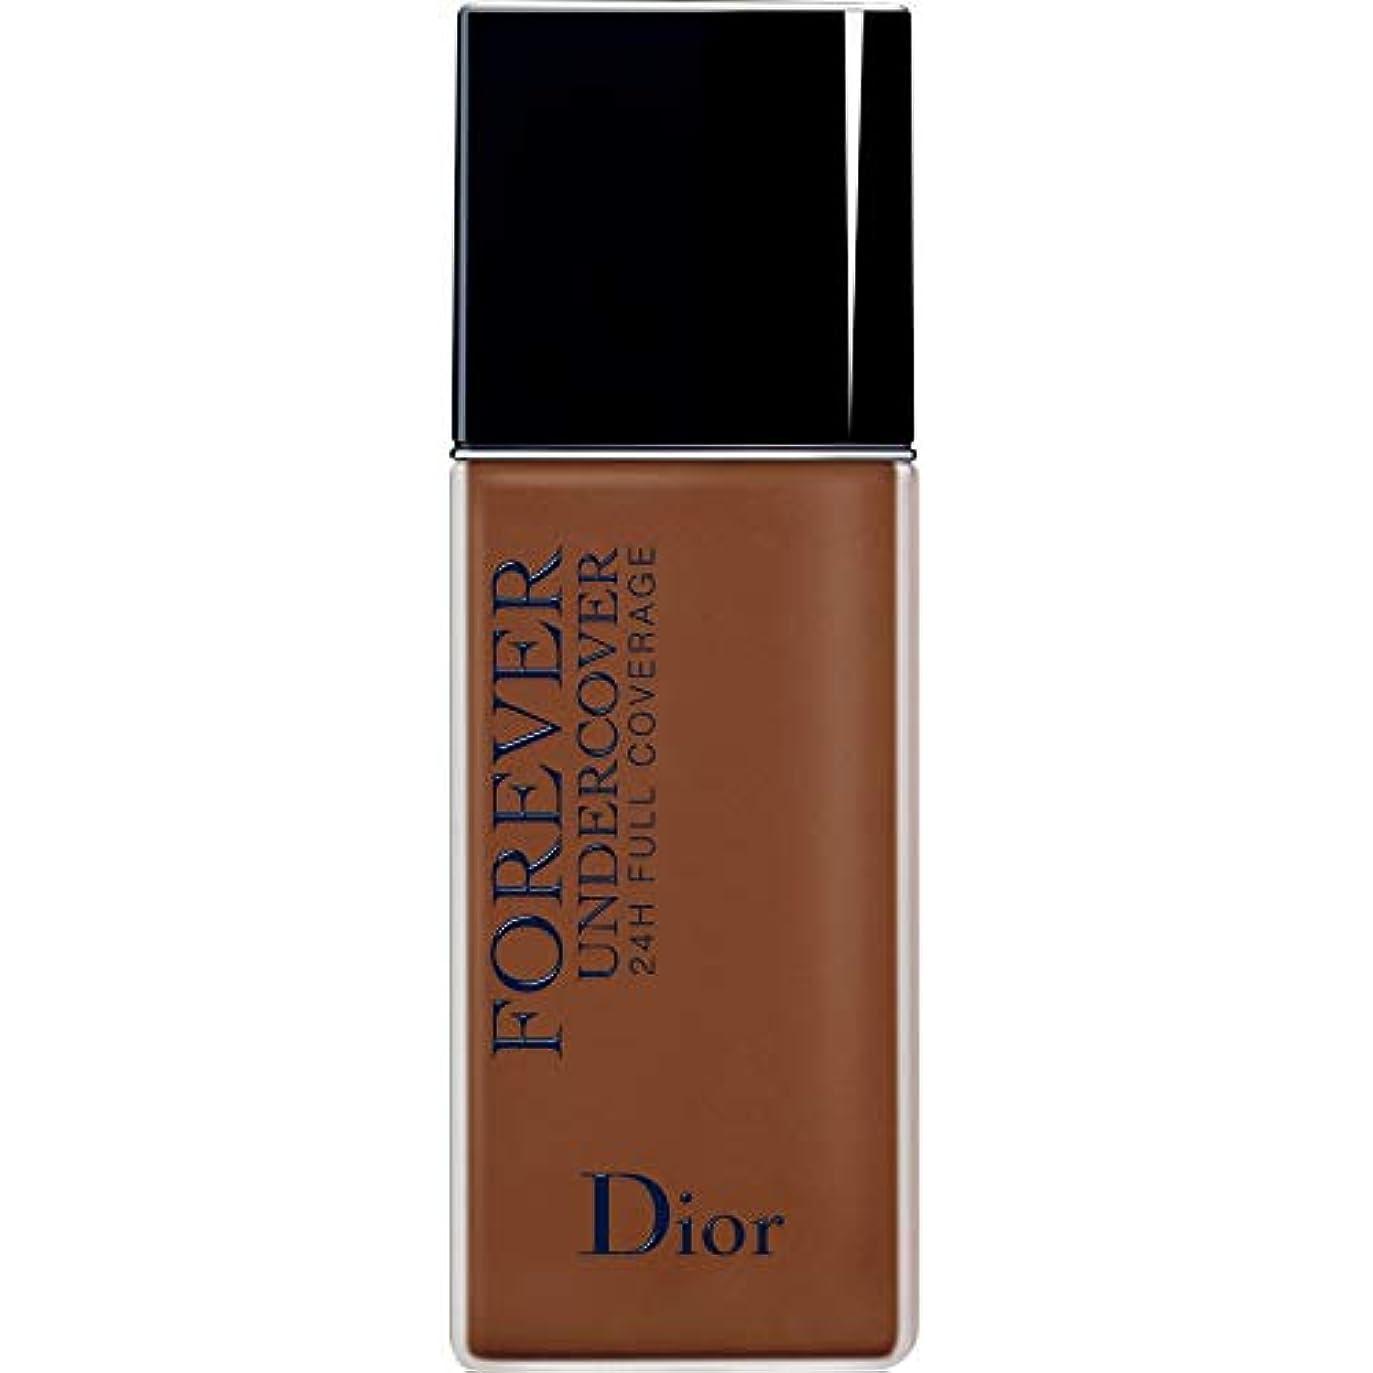 良さ衣類妥協[Dior ] ディオールディオールスキン永遠アンダーカバーフルカバーの基礎40ミリリットル070 - ダークブラウン - DIOR Diorskin Forever Undercover Full Coverage Foundation...